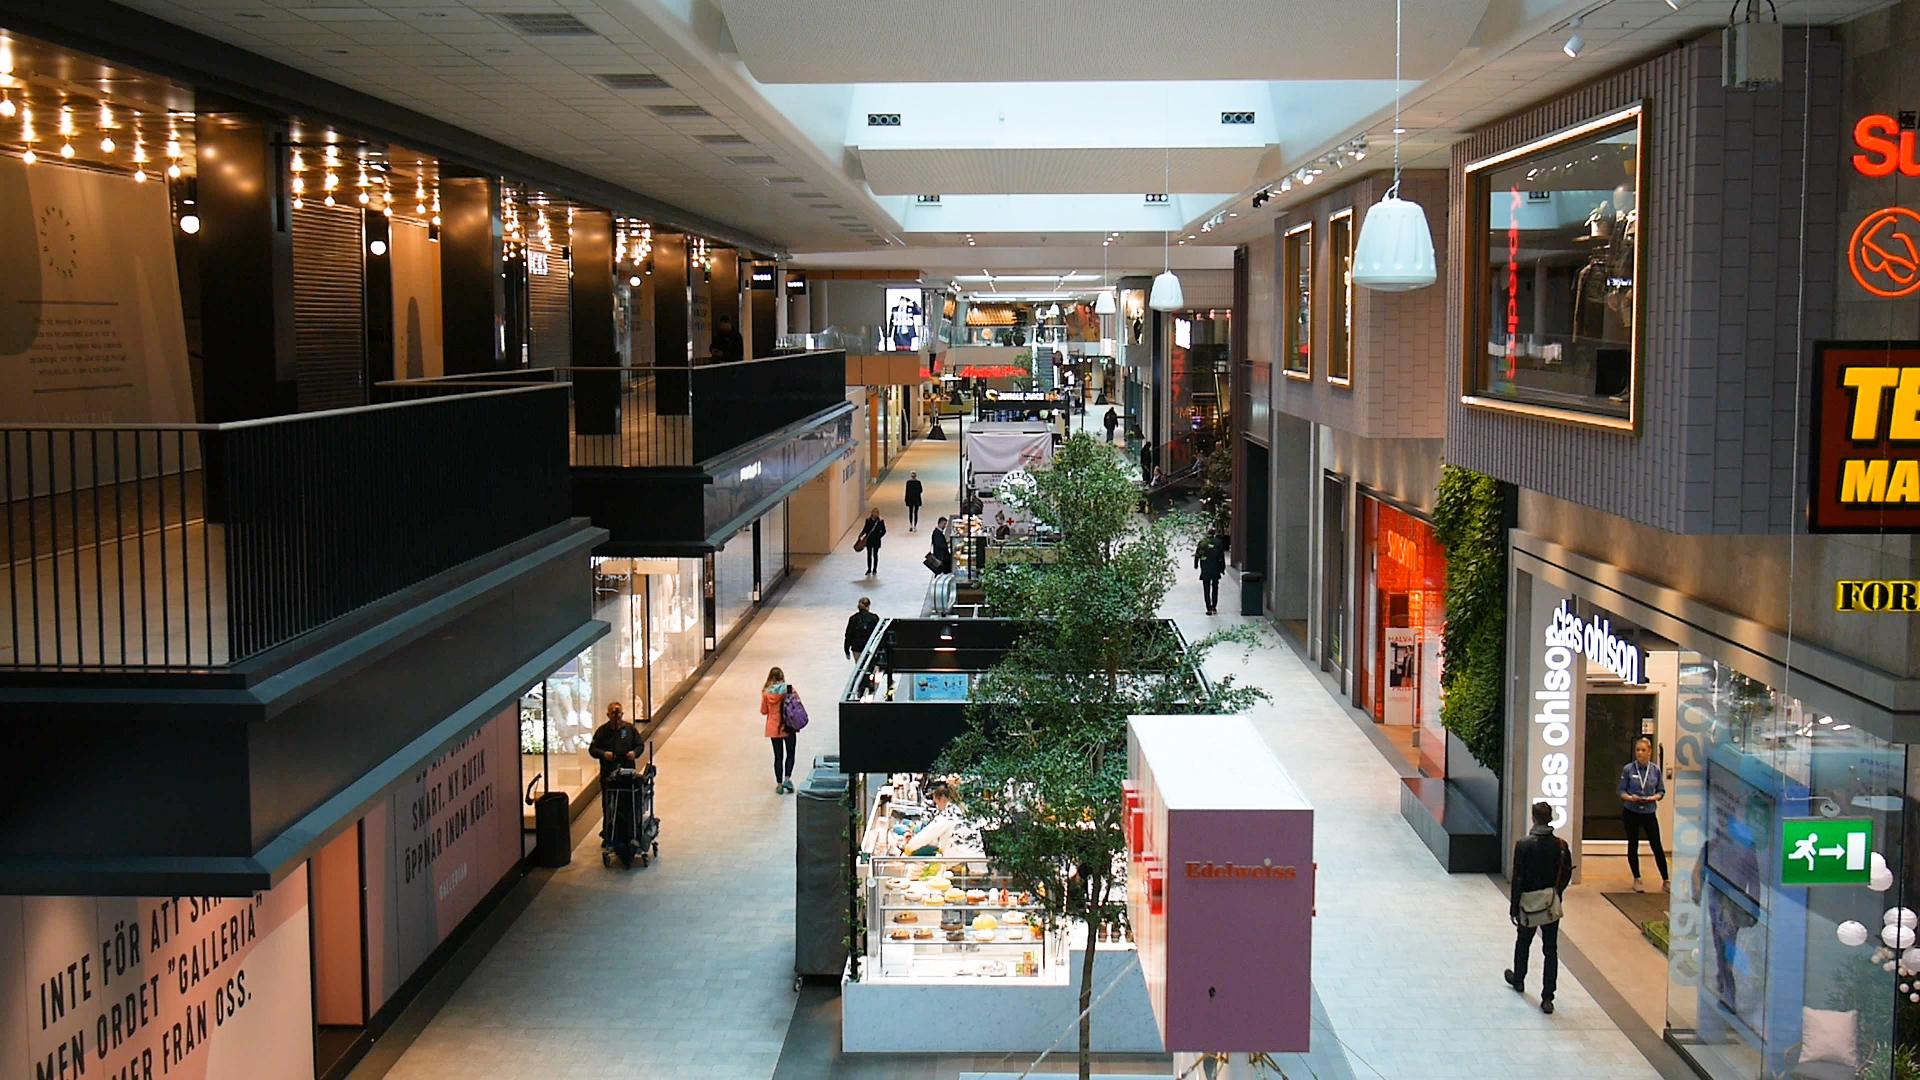 Gallerian.00_00_34_21.Still001.jpg